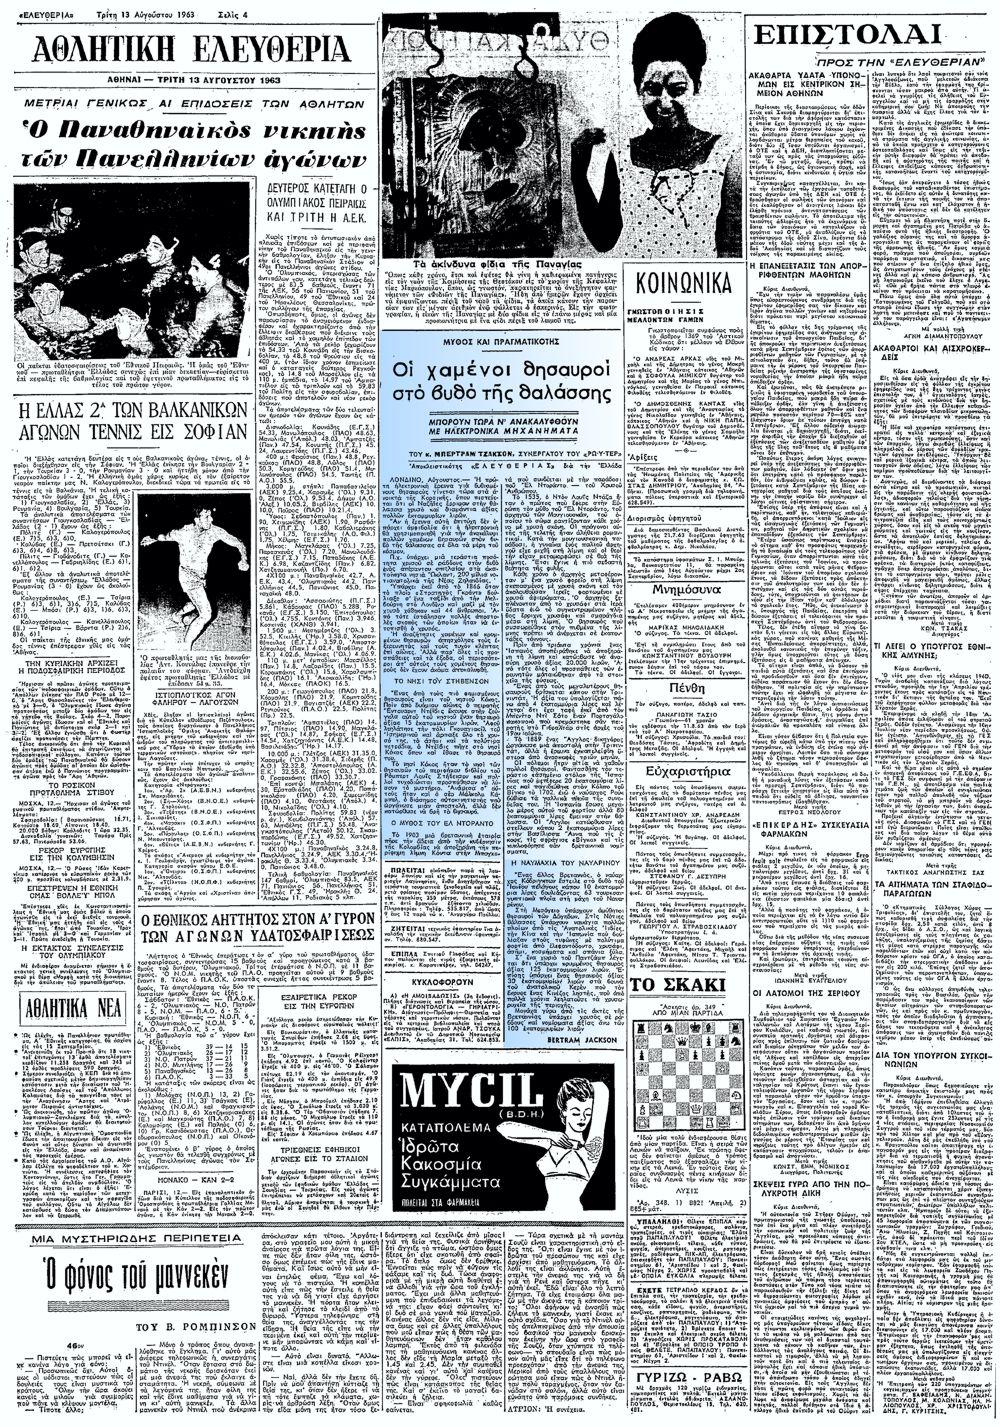 """Το άρθρο, όπως δημοσιεύθηκε στην εφημερίδα """"ΕΛΕΥΘΕΡΙΑ"""", στις 13/08/1963"""